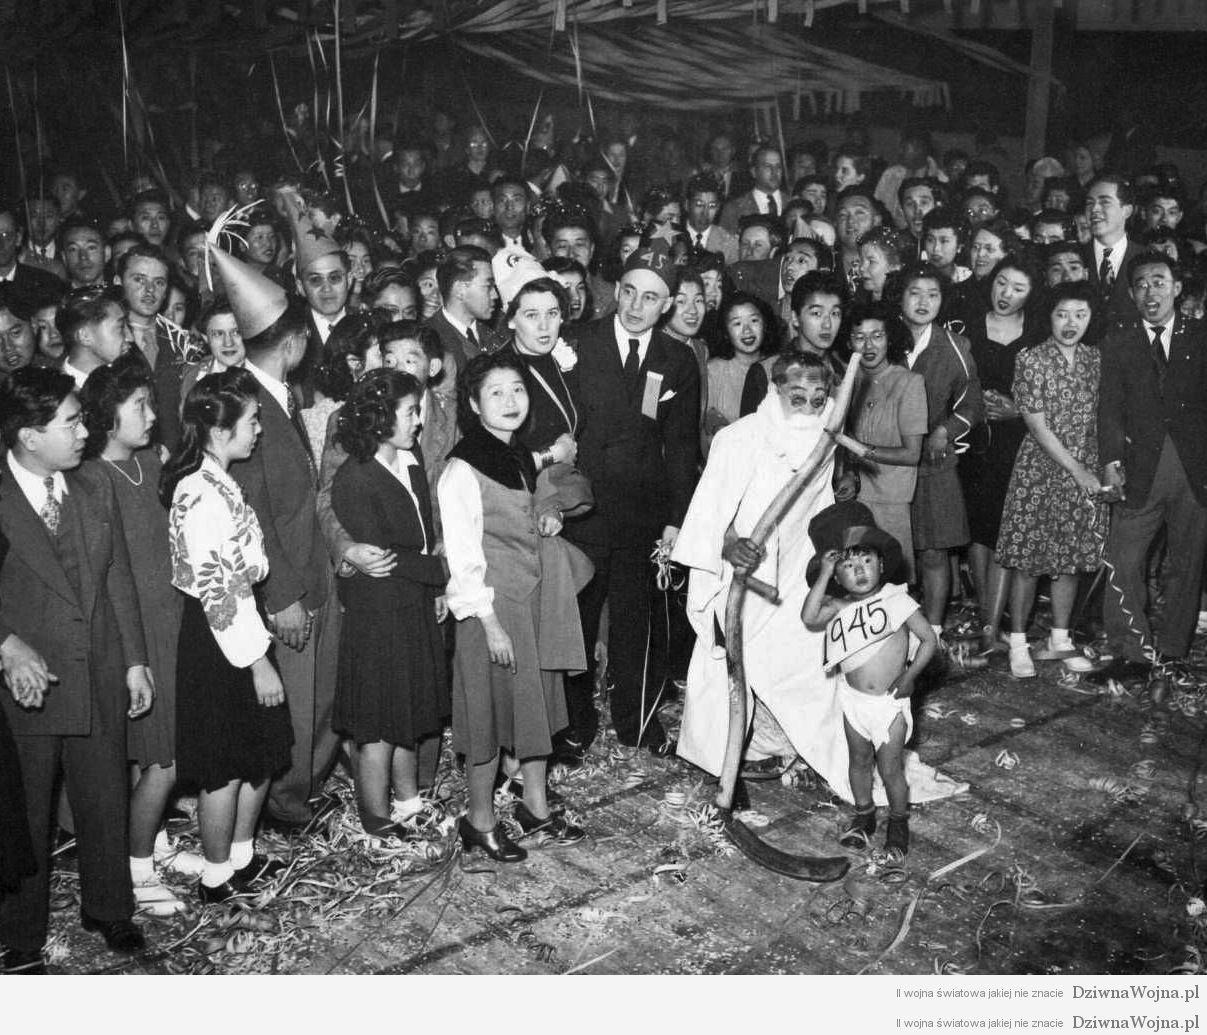 japonscy imigranci w usa sylwester 1944